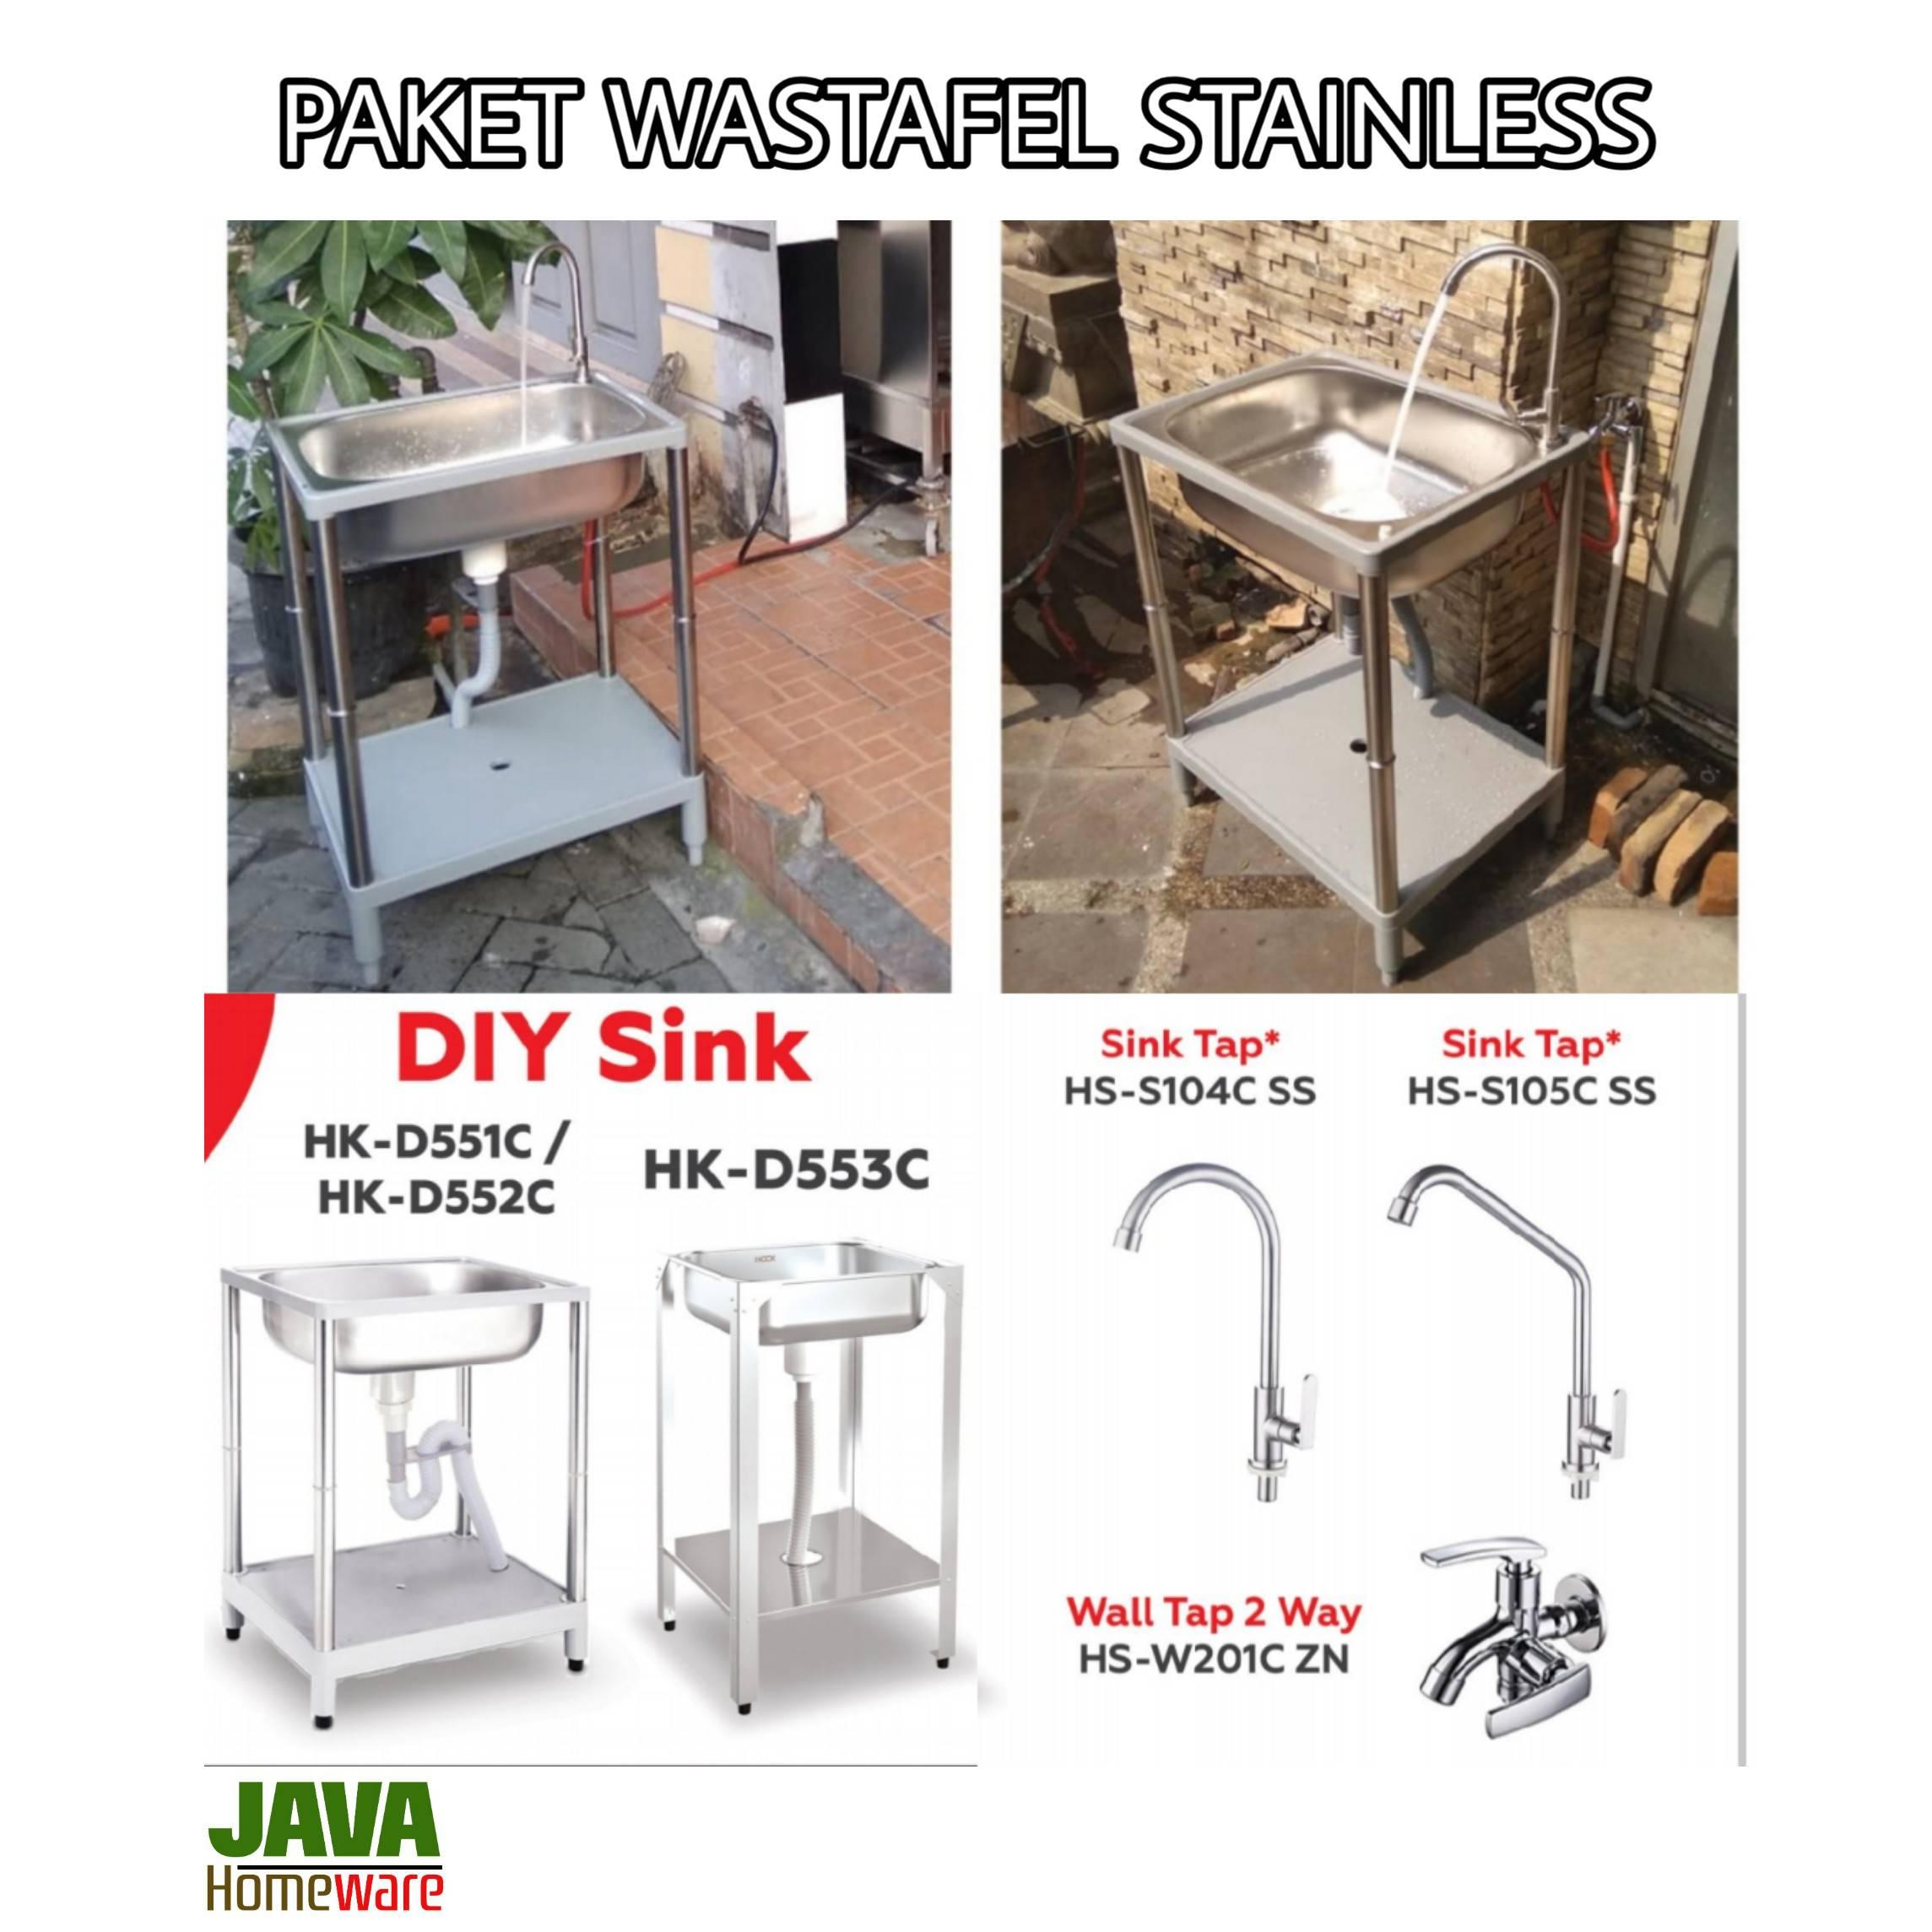 Paket Wastafel Stainless